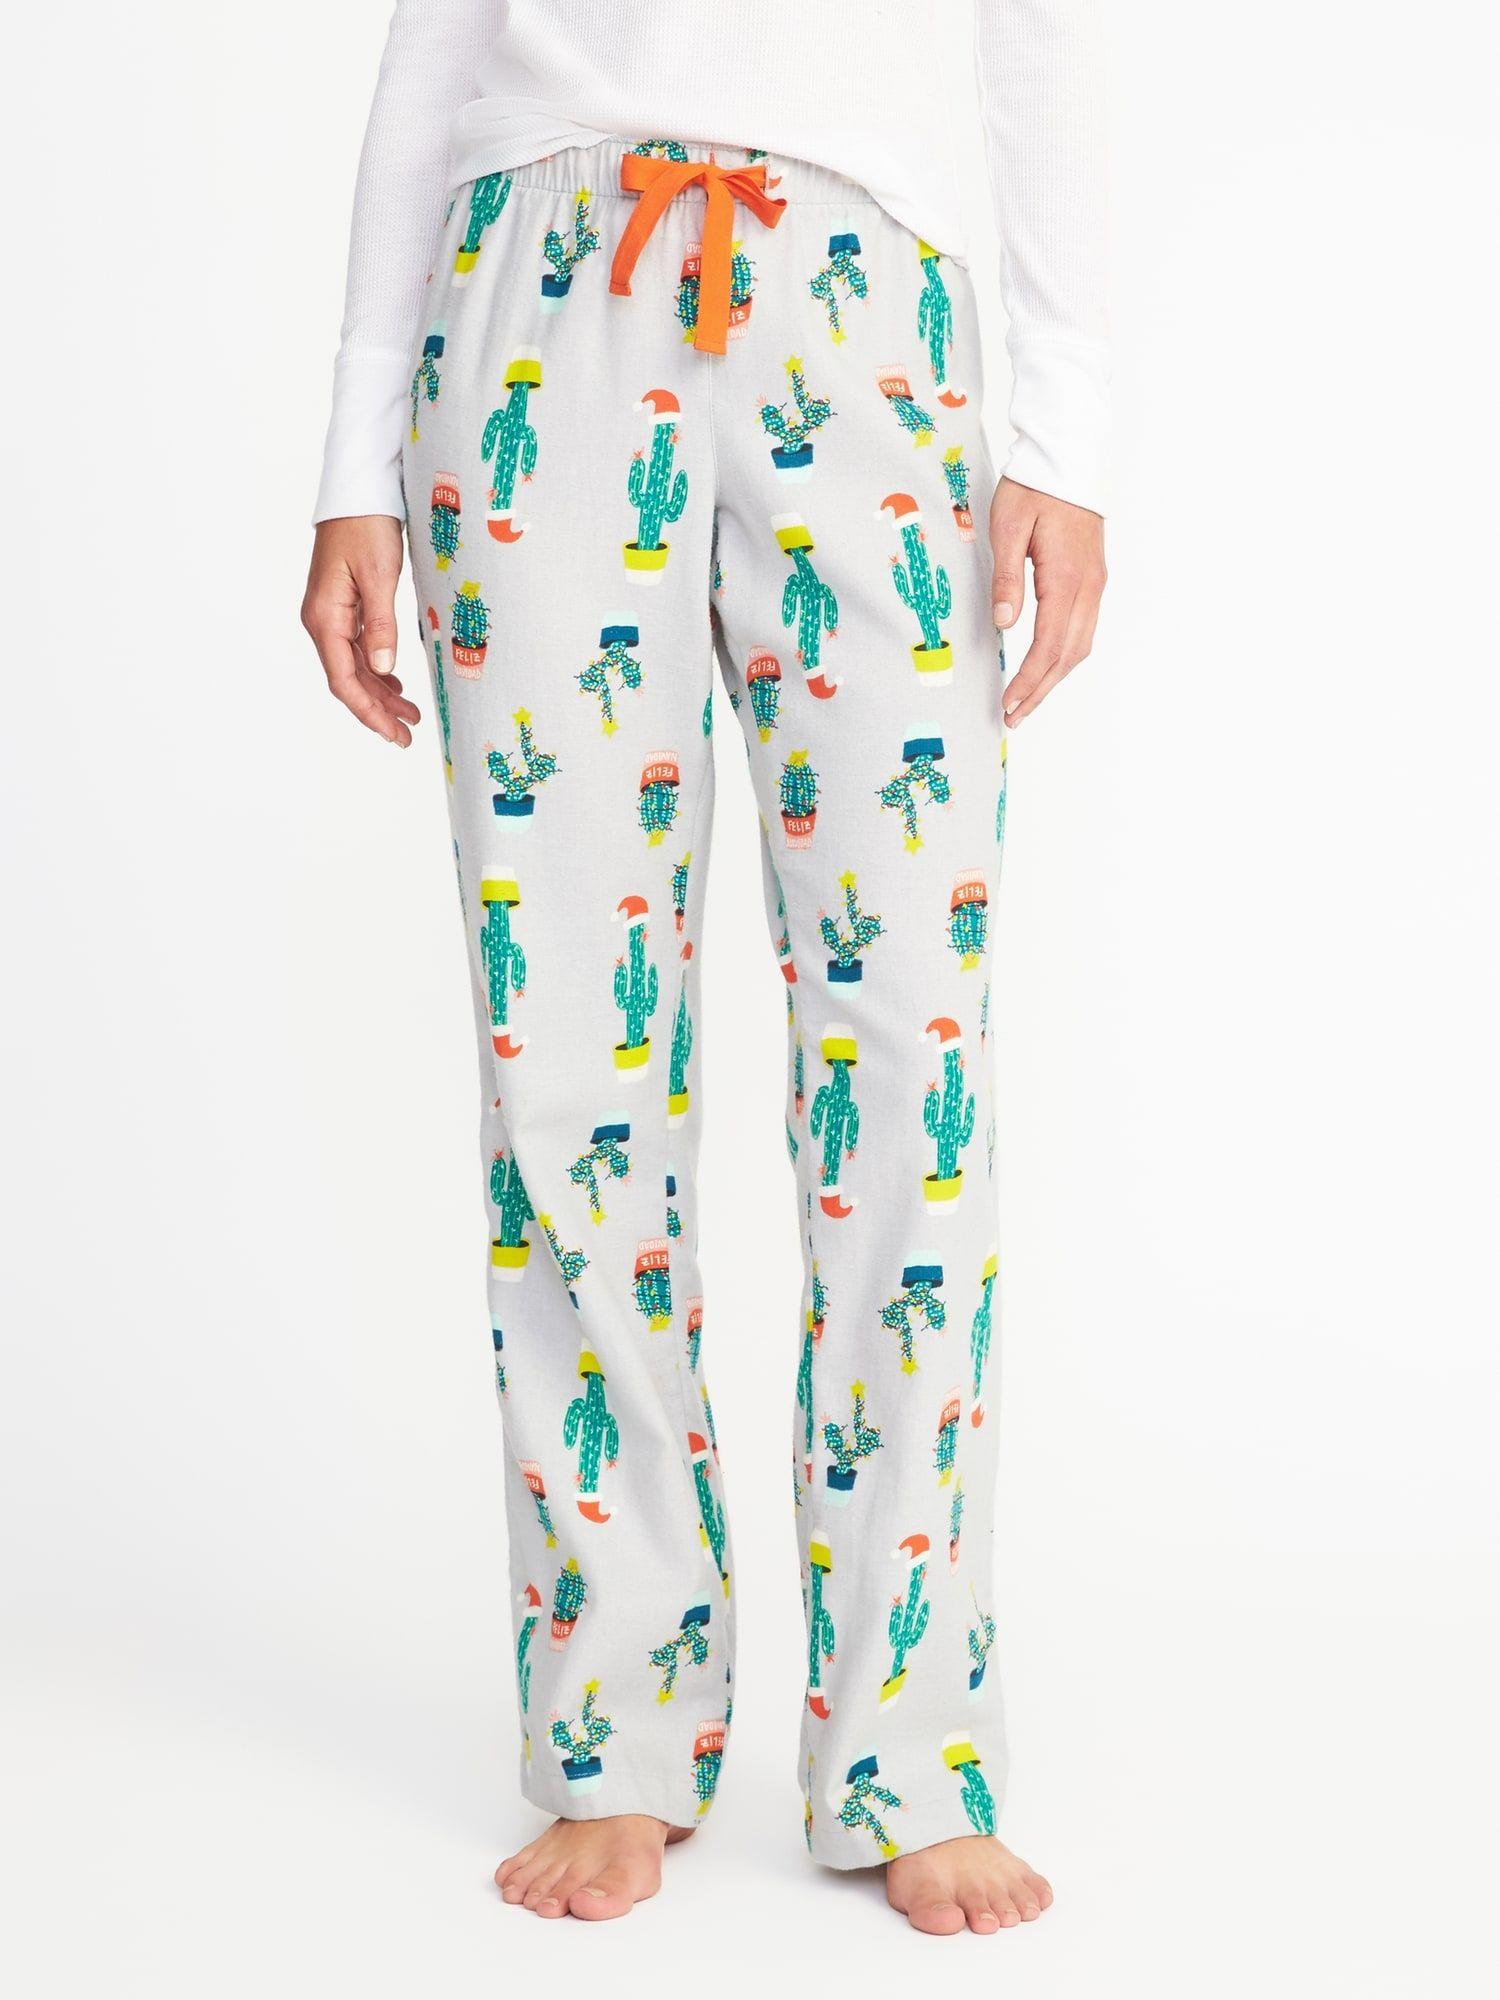 product photo Pajamas women, Christmas pj pants, Womens pjs